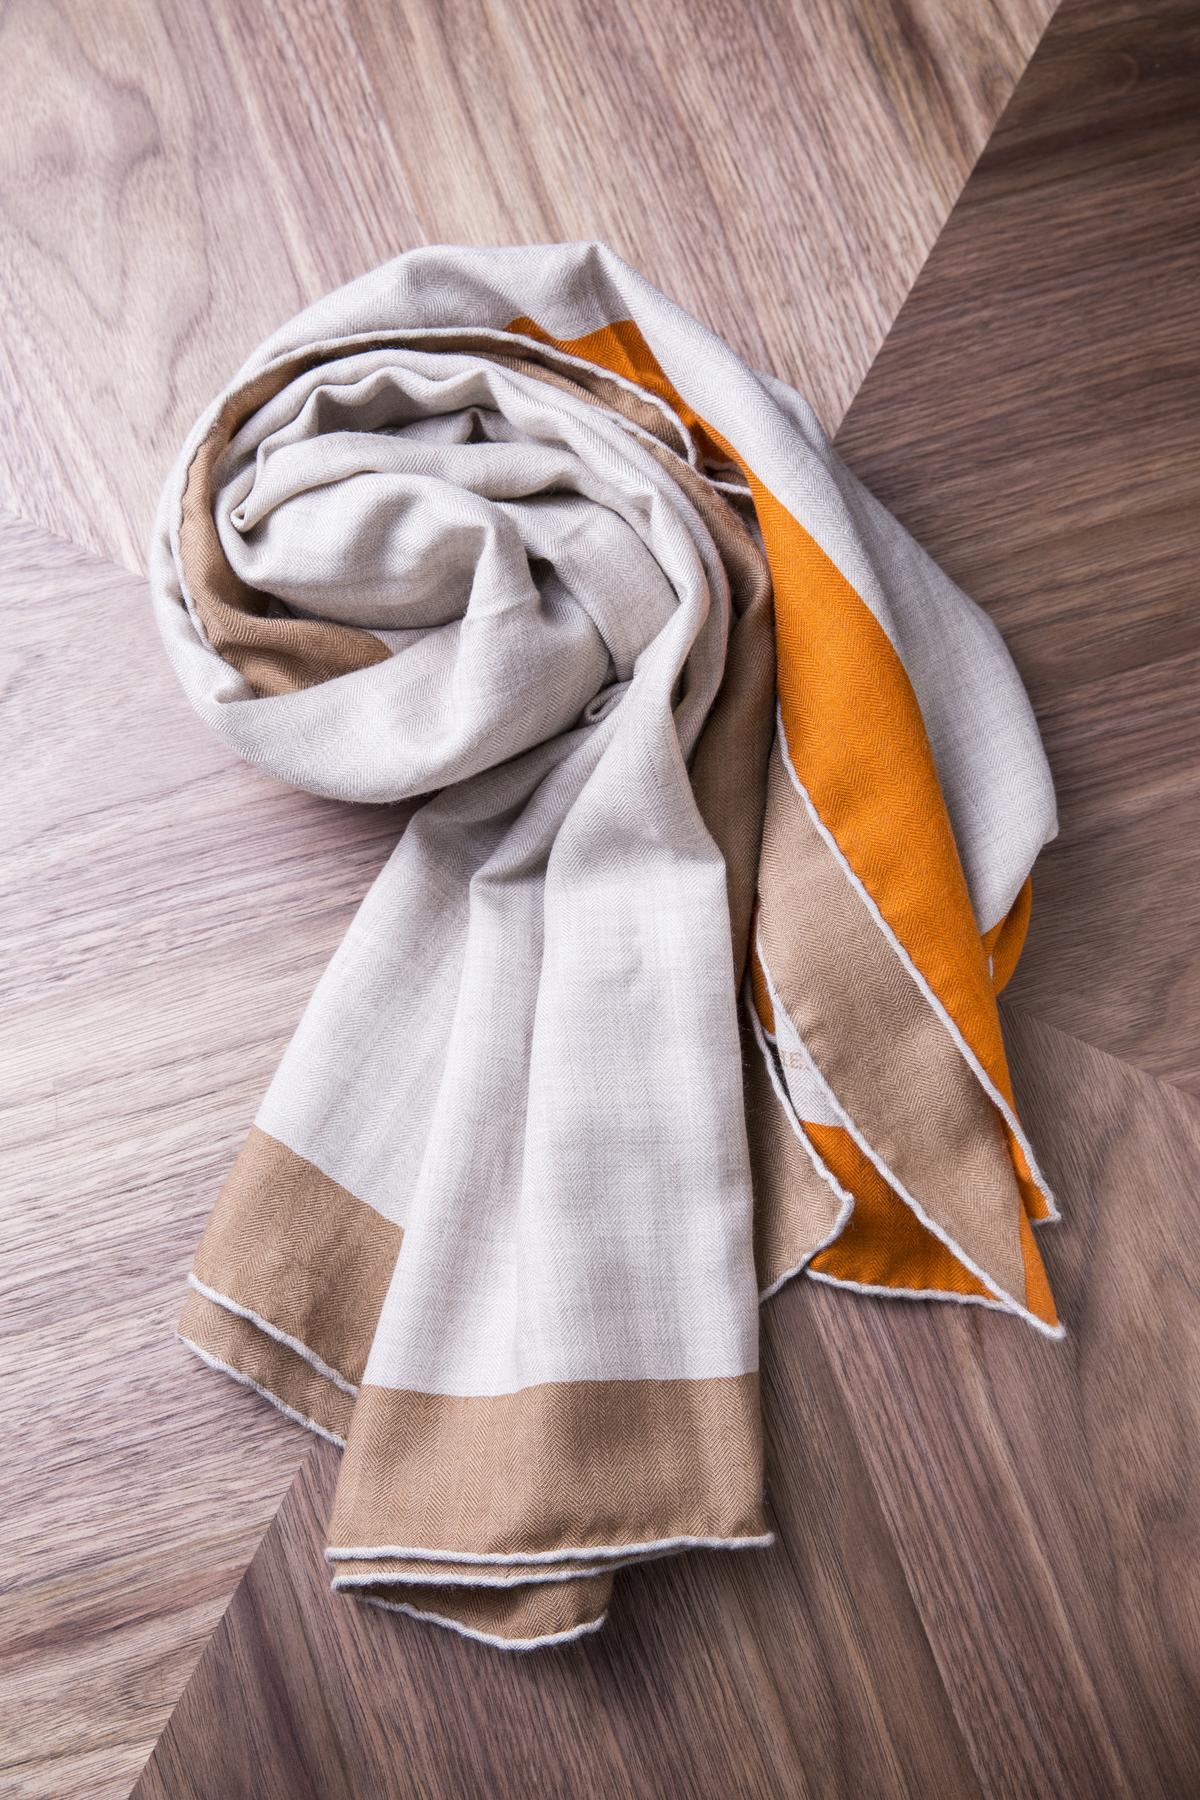 HERMES圍巾。約NT$24,000